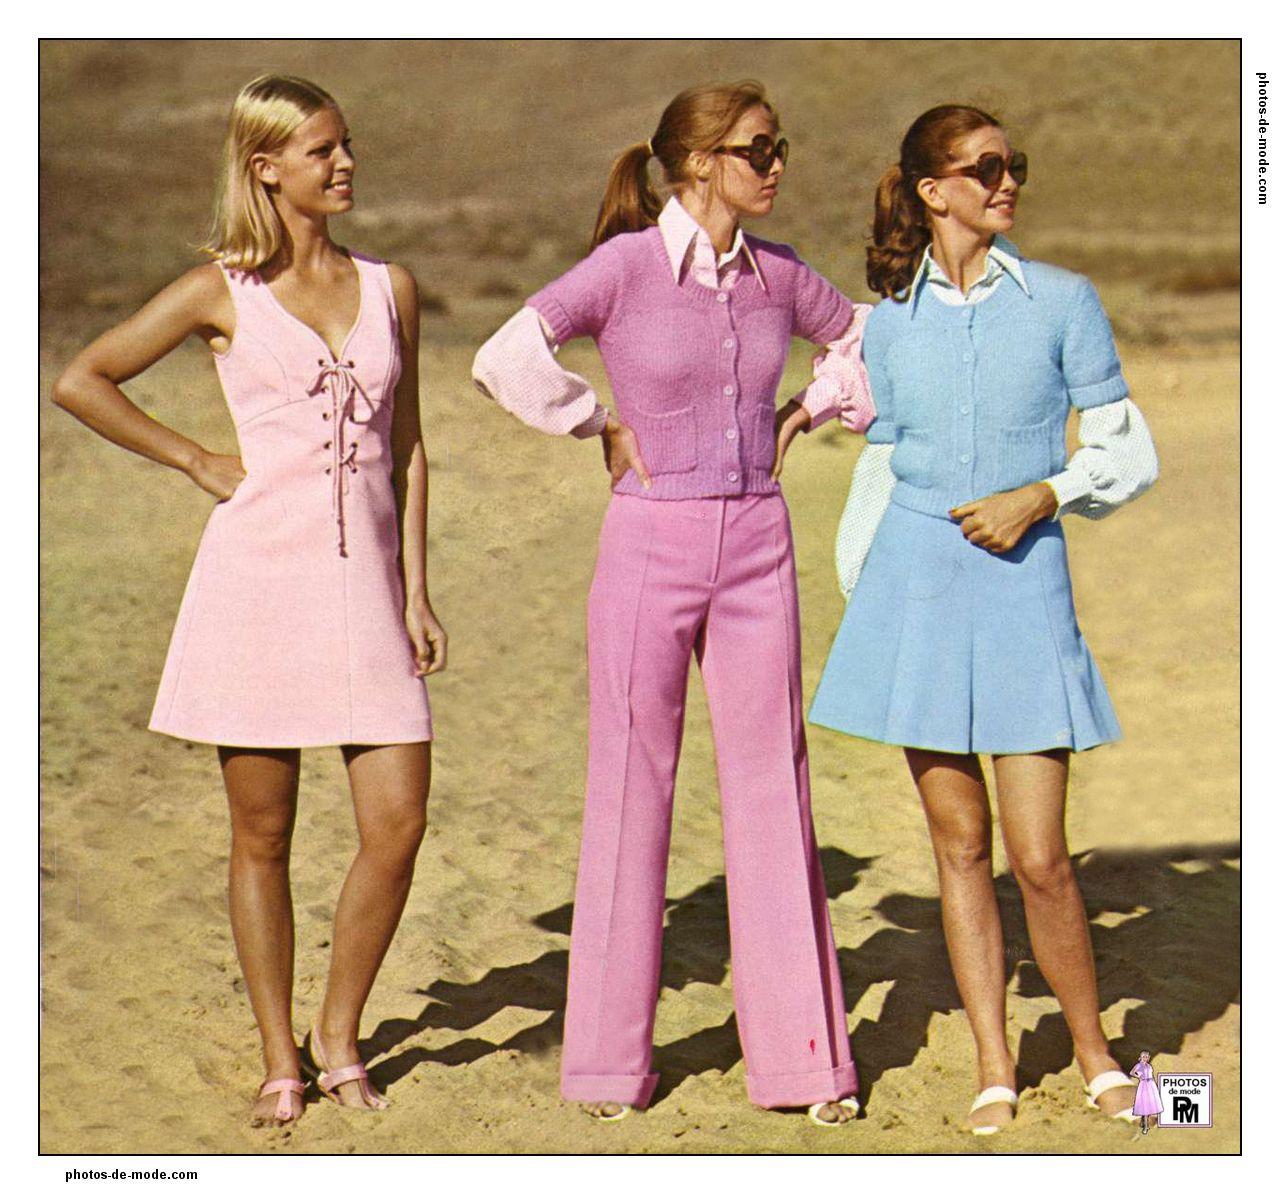 Photos de mode rétro des années 1950 1960 et 1970. Femmes et stars ... fe940d121547